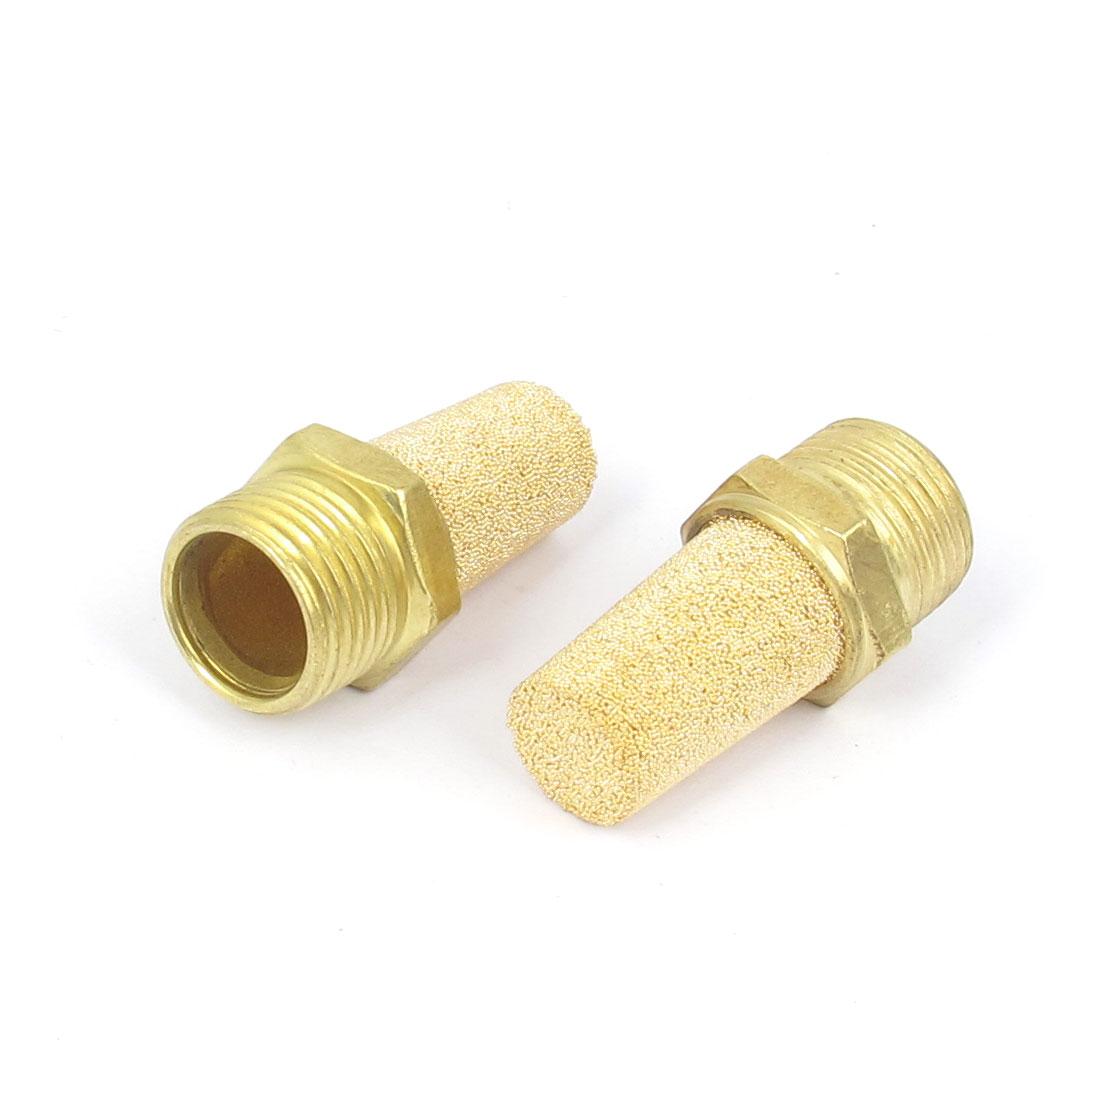 3/8BSP Male Thread Brass Pneumatic Exhaust Silencer Muffler 2pcs